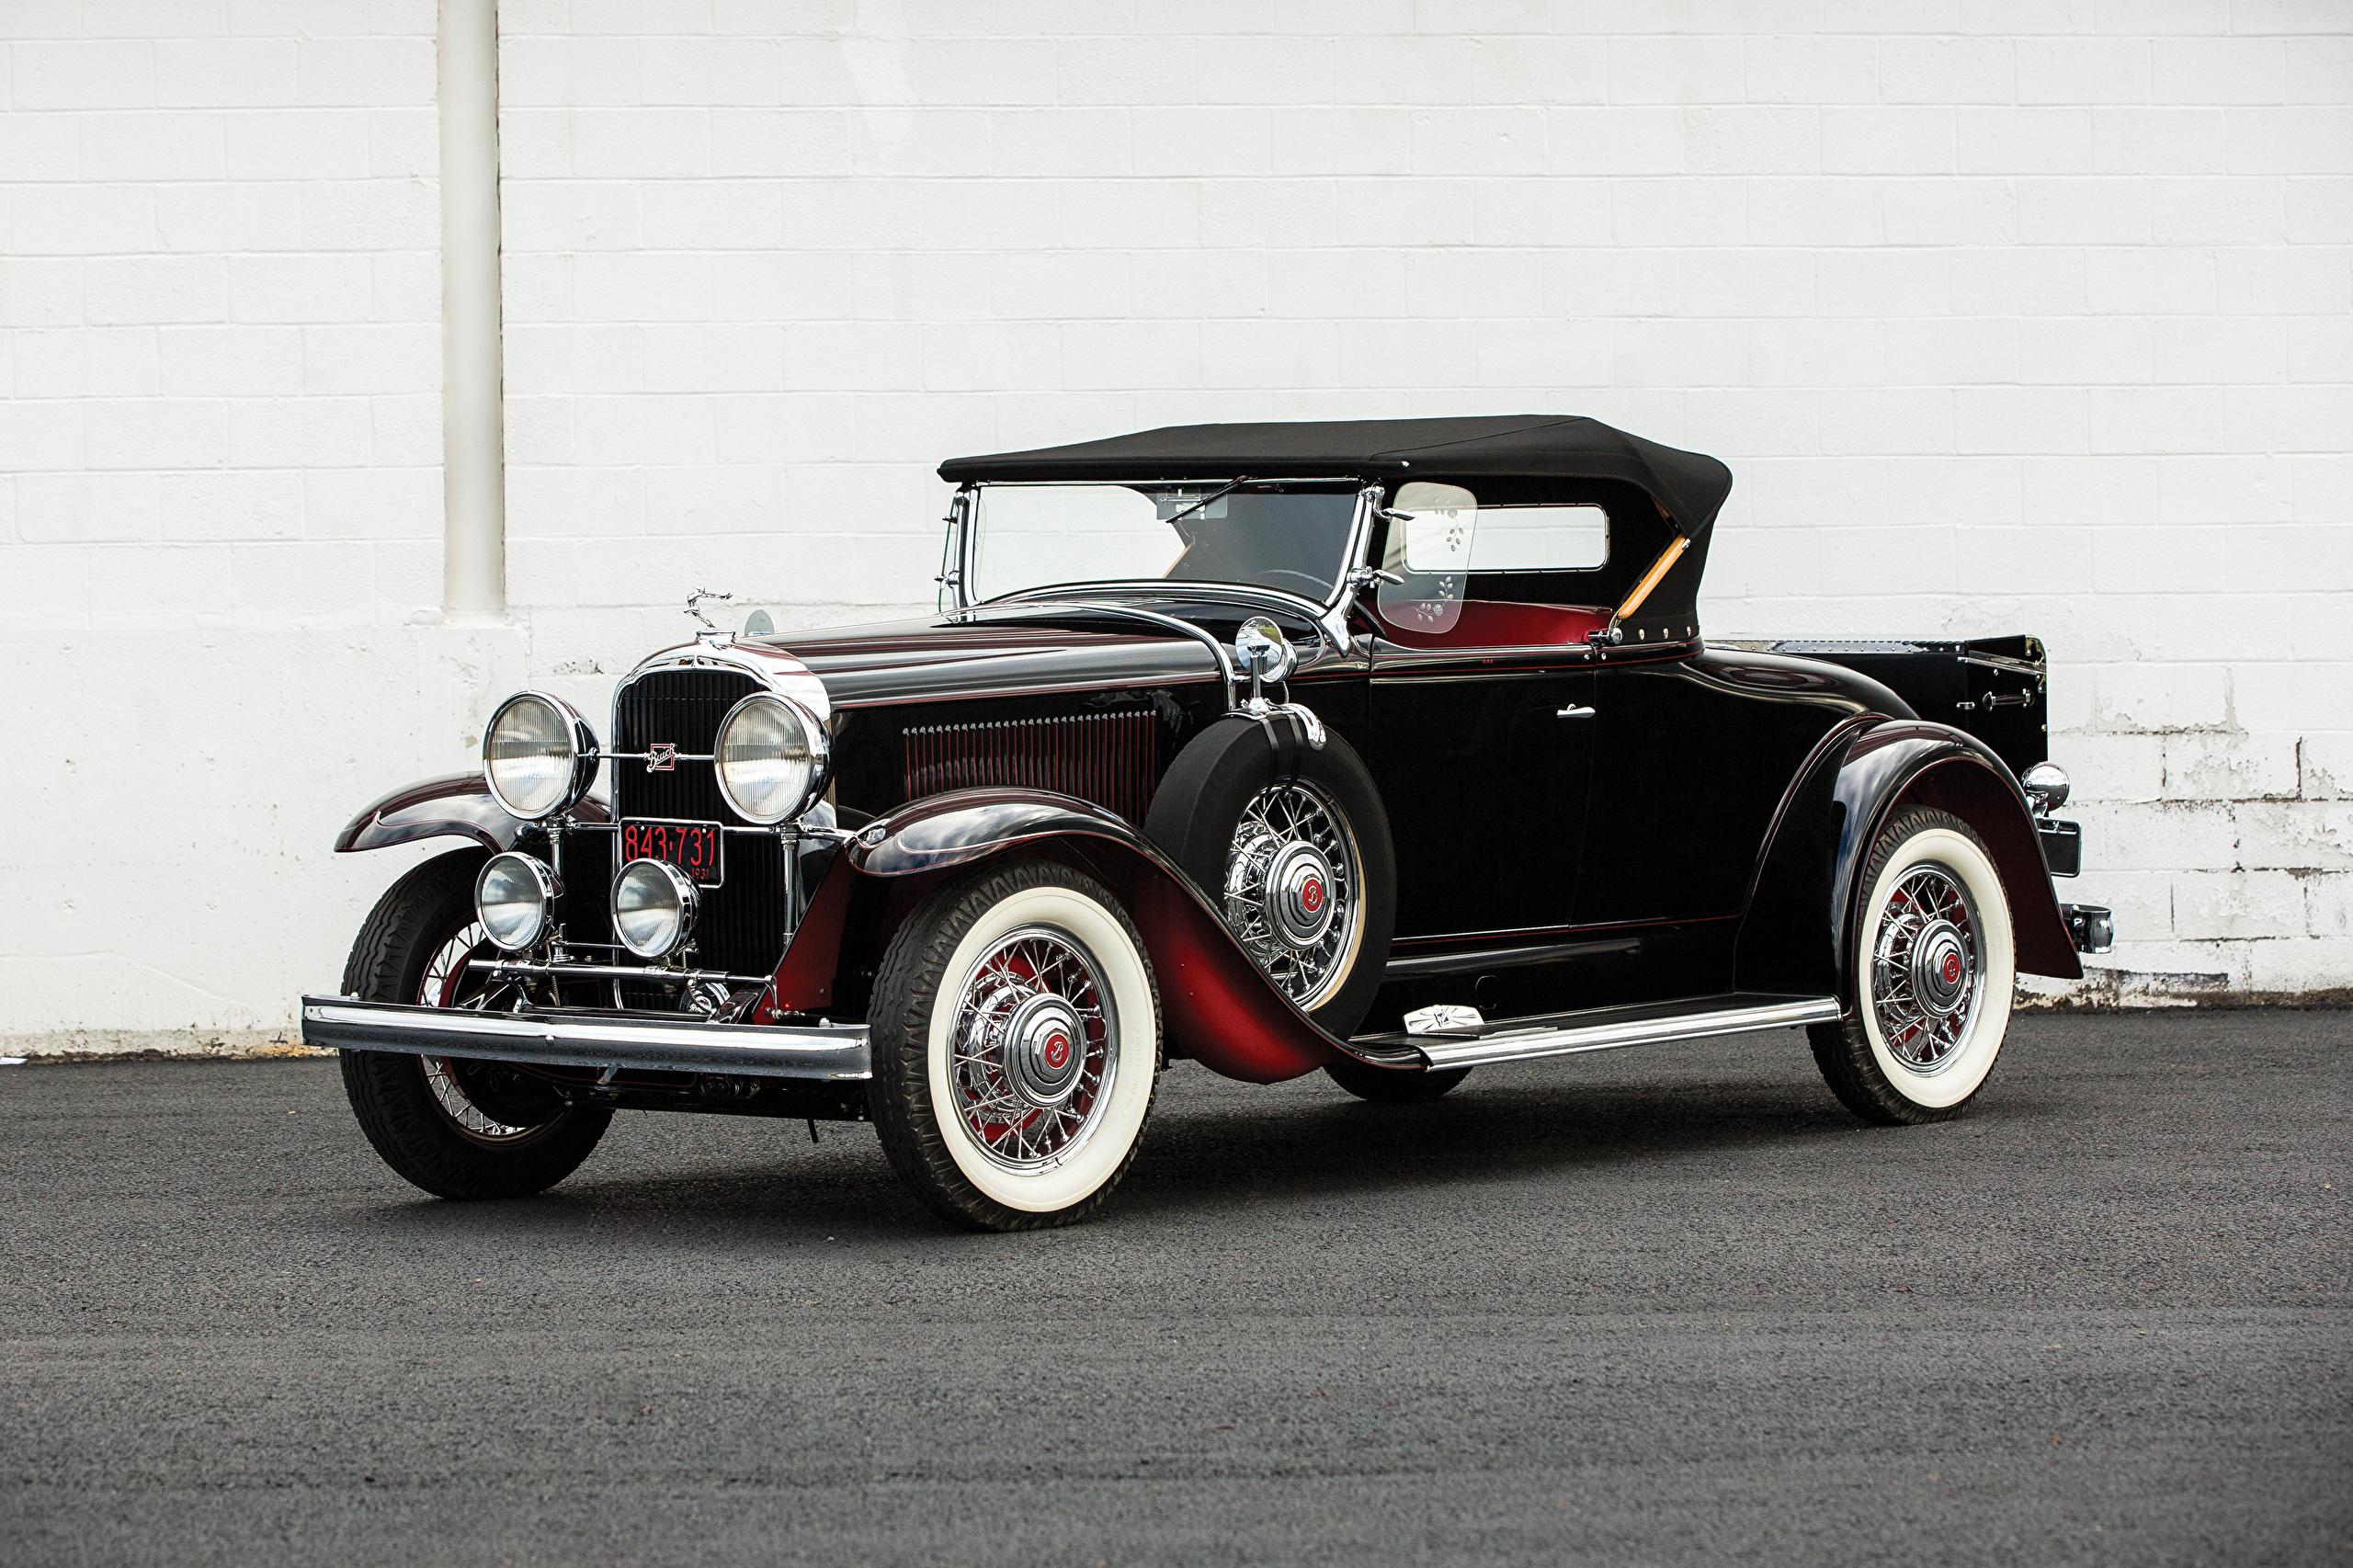 Фотография Бьюик 1931 Series 90 Roadster Родстер Ретро черных Автомобили 2560x1706 Buick Черный черные черная Винтаж старинные авто машина машины автомобиль